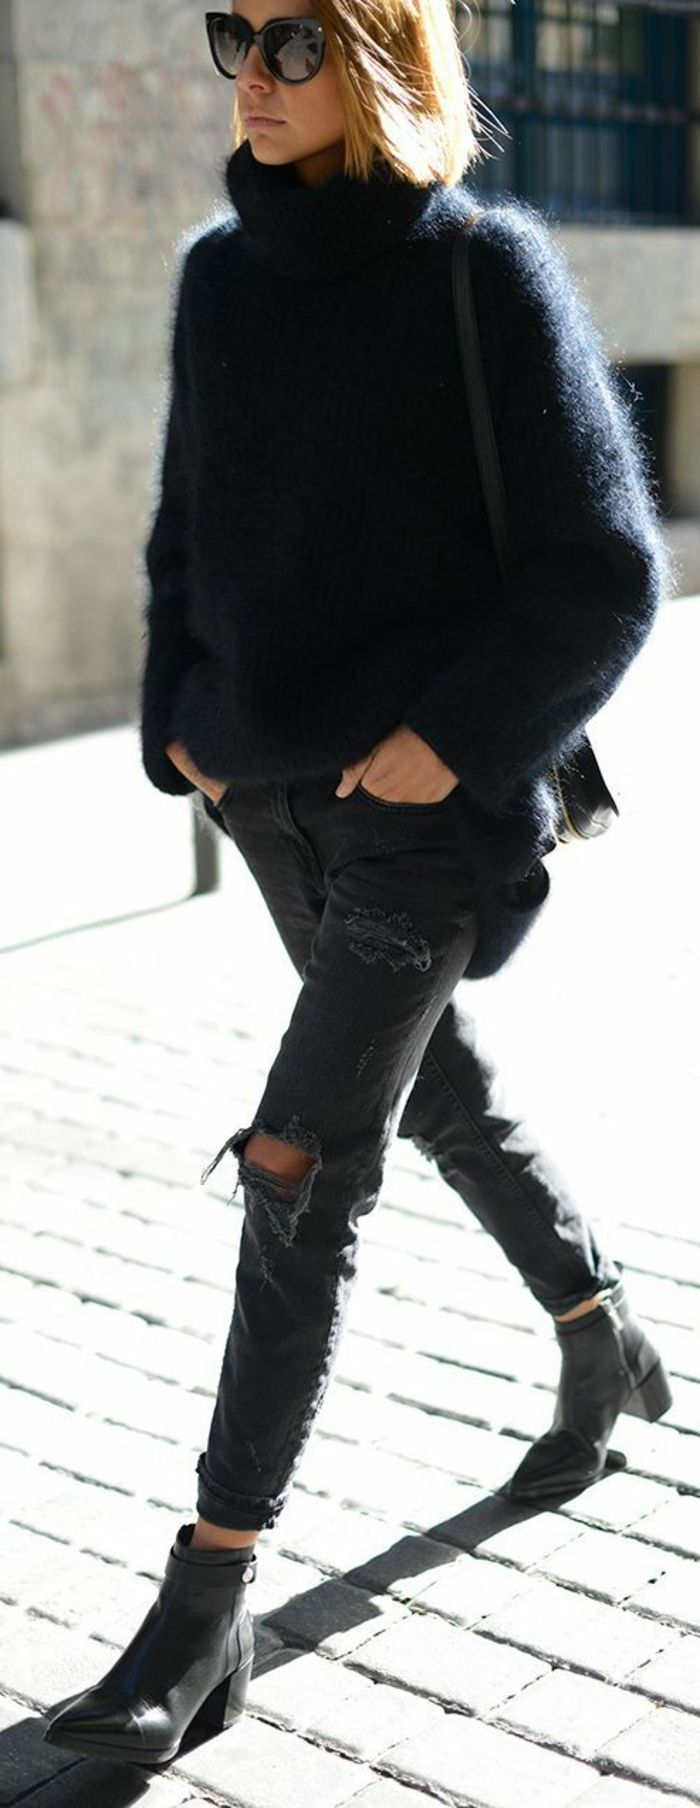 quelles sont les tendances chez les bottes noires? 45 photos